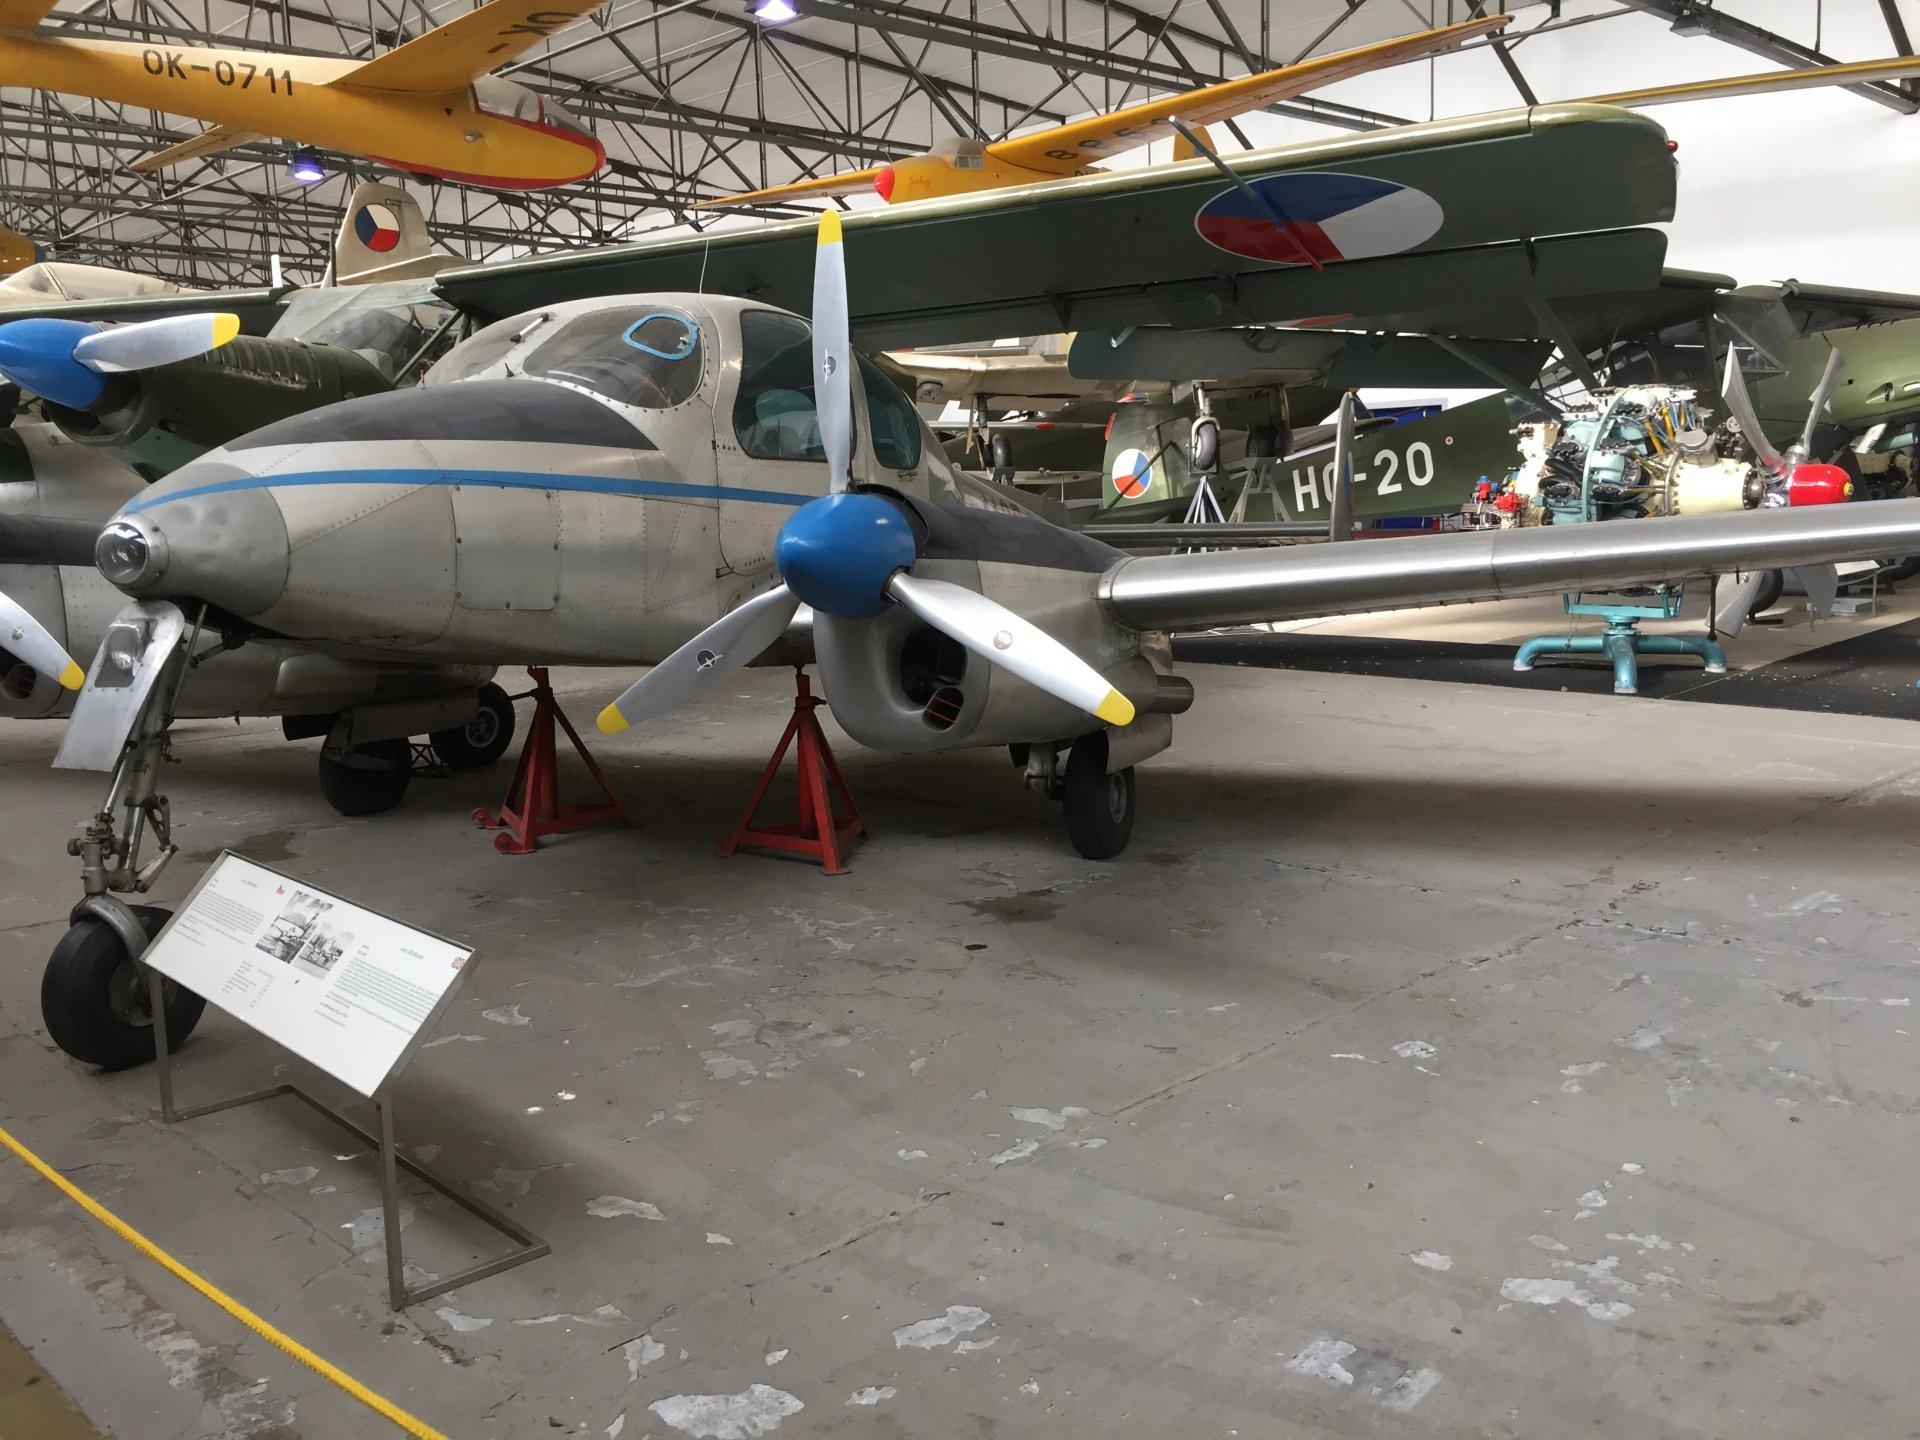 16A63DBE-C6DA-4689-A9DE-AFFB20E47F5C.jpeg